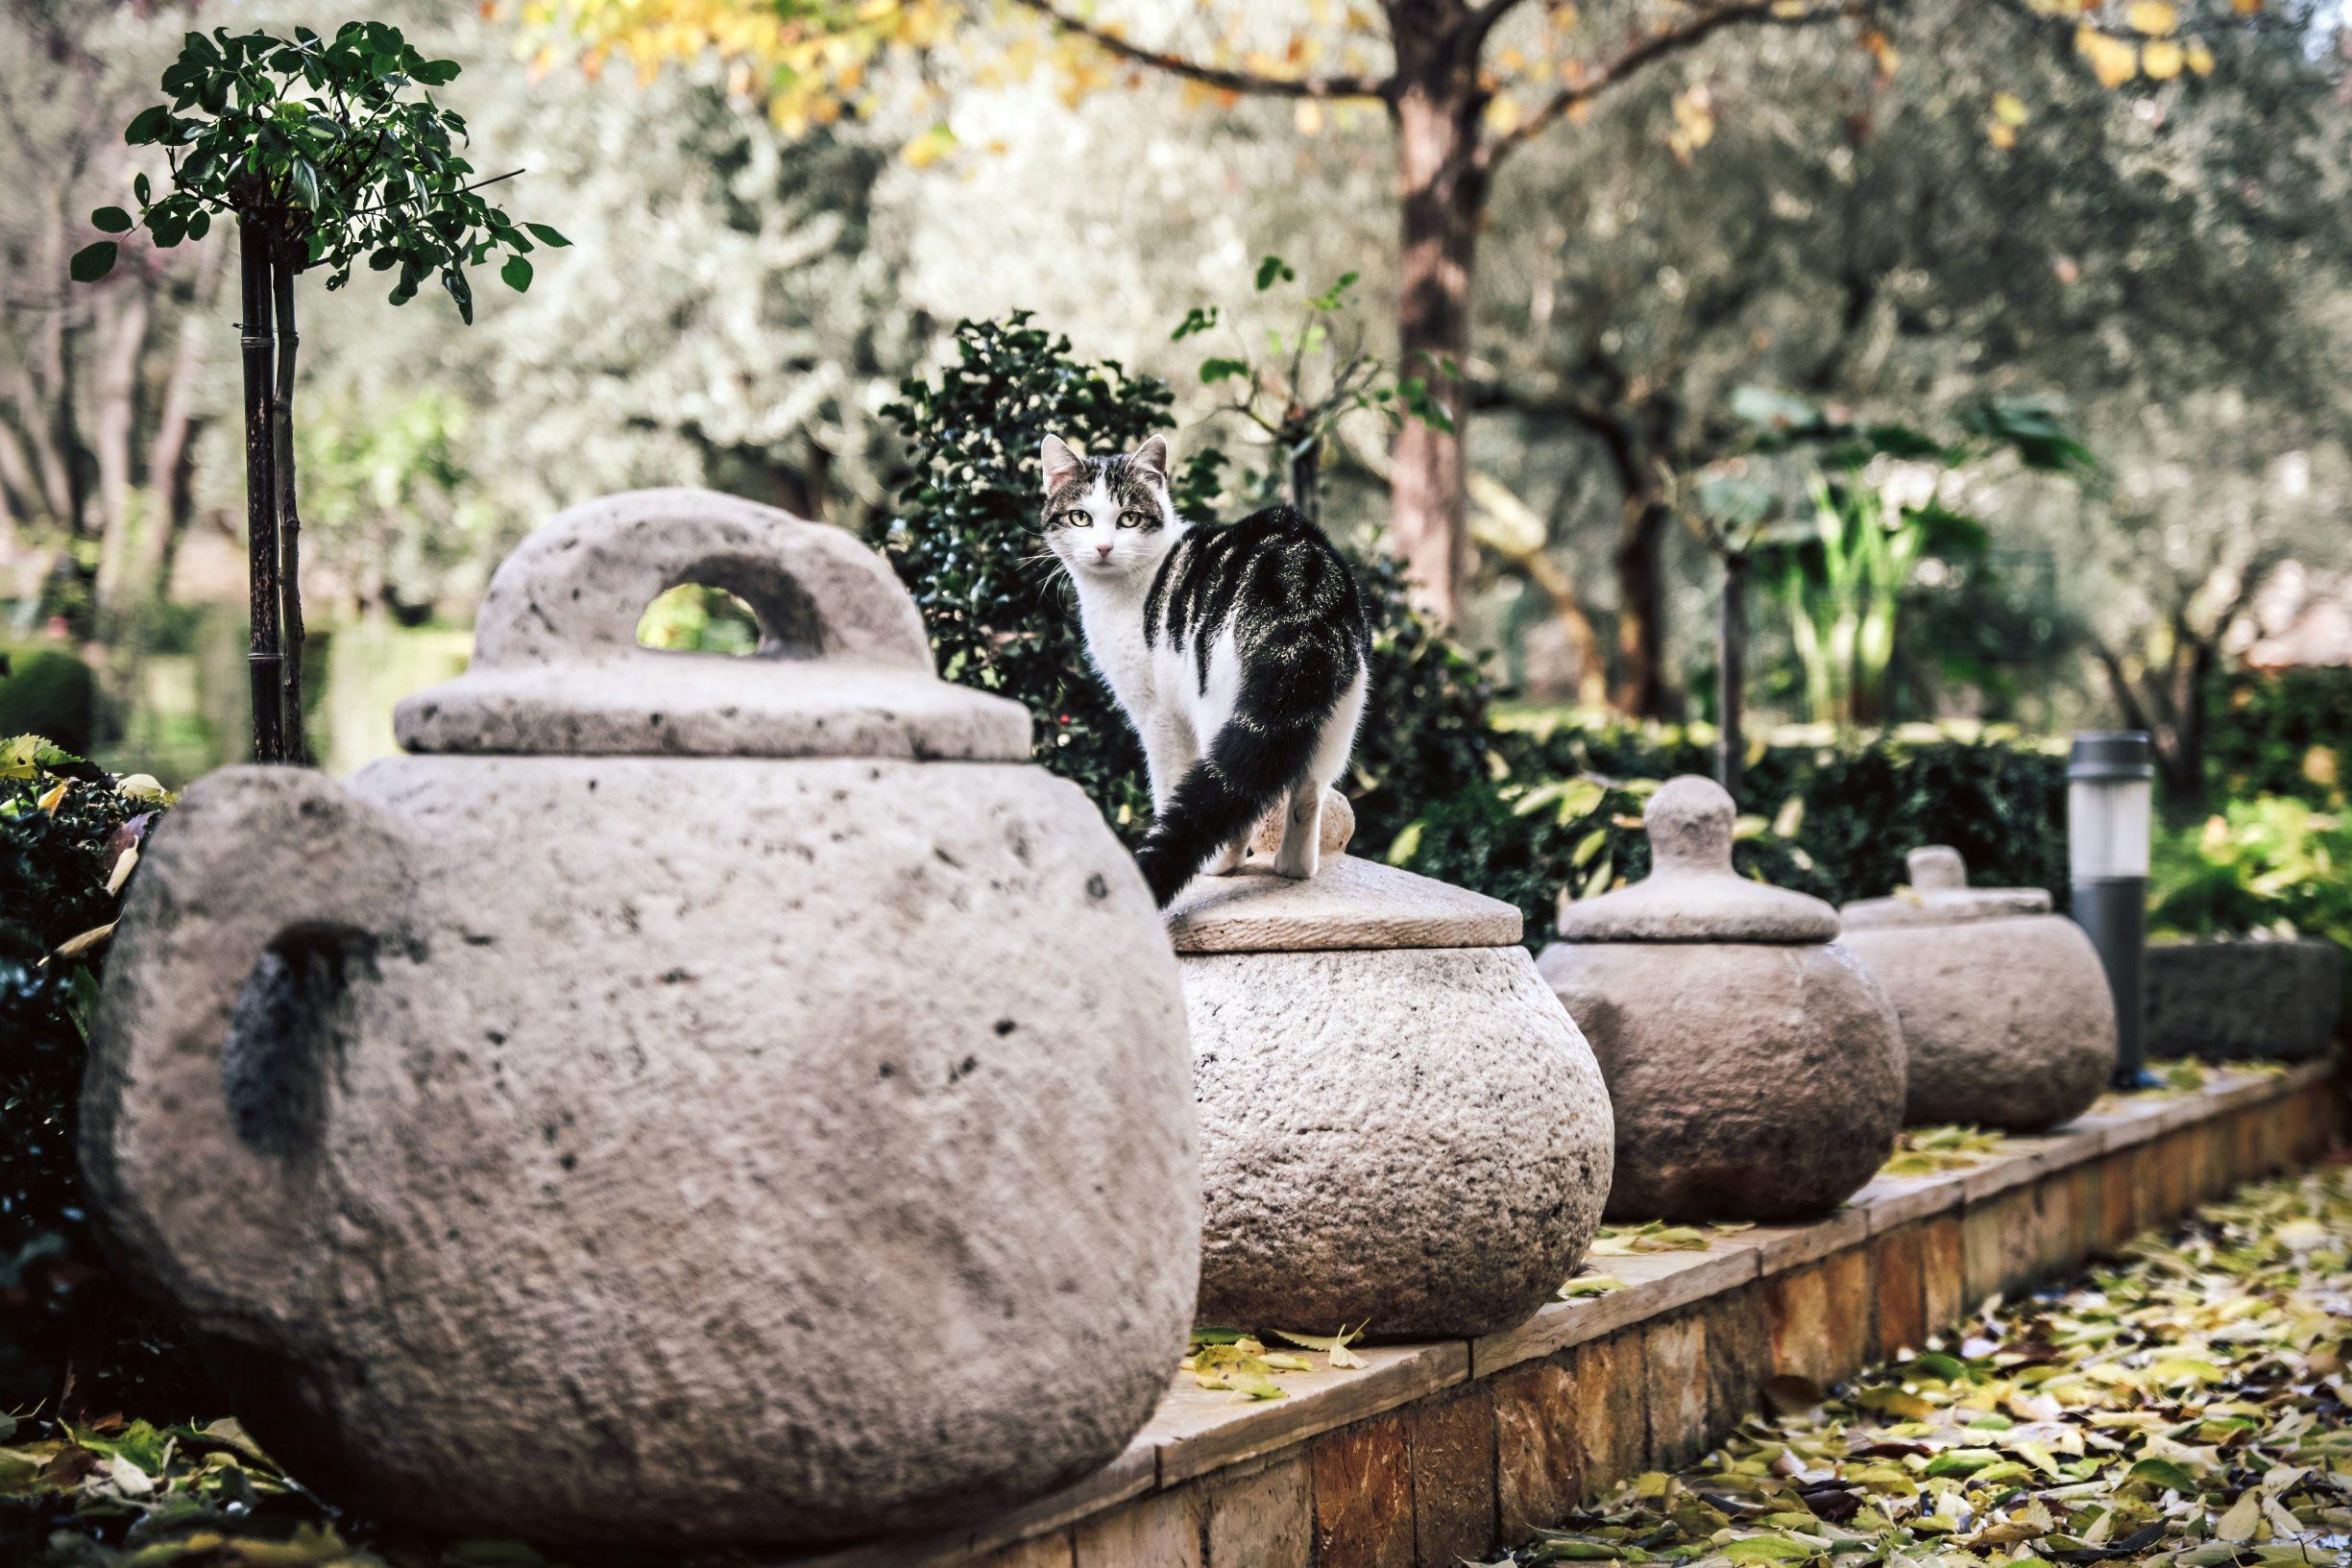 Benkovac, 031219 Reportaza o Benkovcu. Na fotografiji macka, u predivnom dvoristu obitelji Knezevic koji su vlasnici ljekarni Kastel Farm. Foto: Danijel Soldo / CROPIX